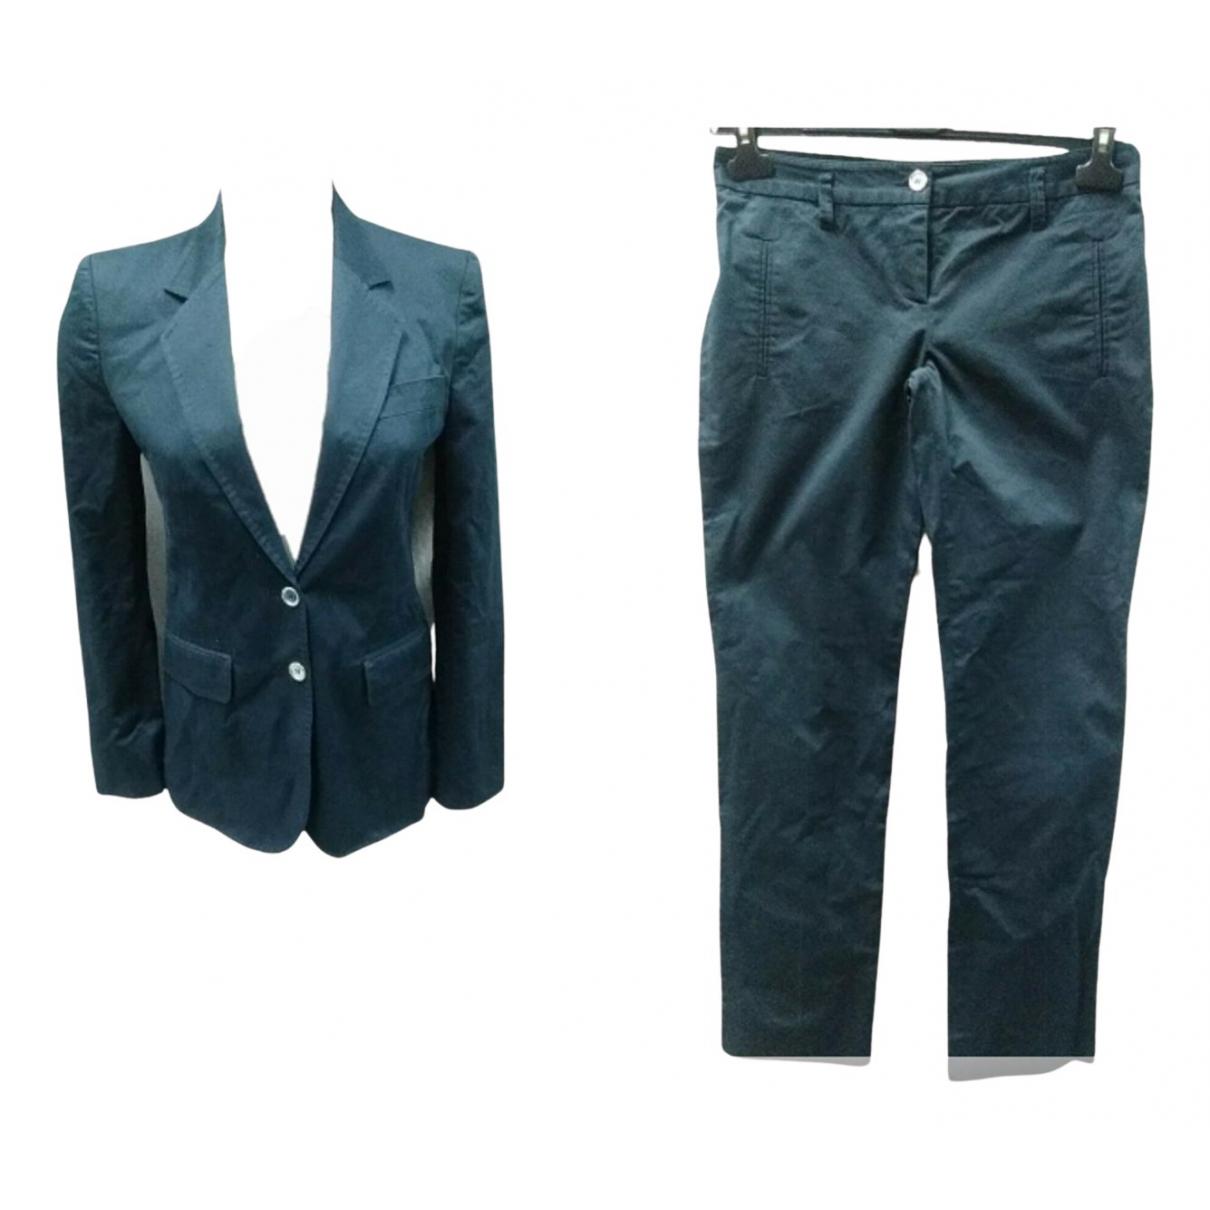 D&g - Veste   pour femme en coton - bleu